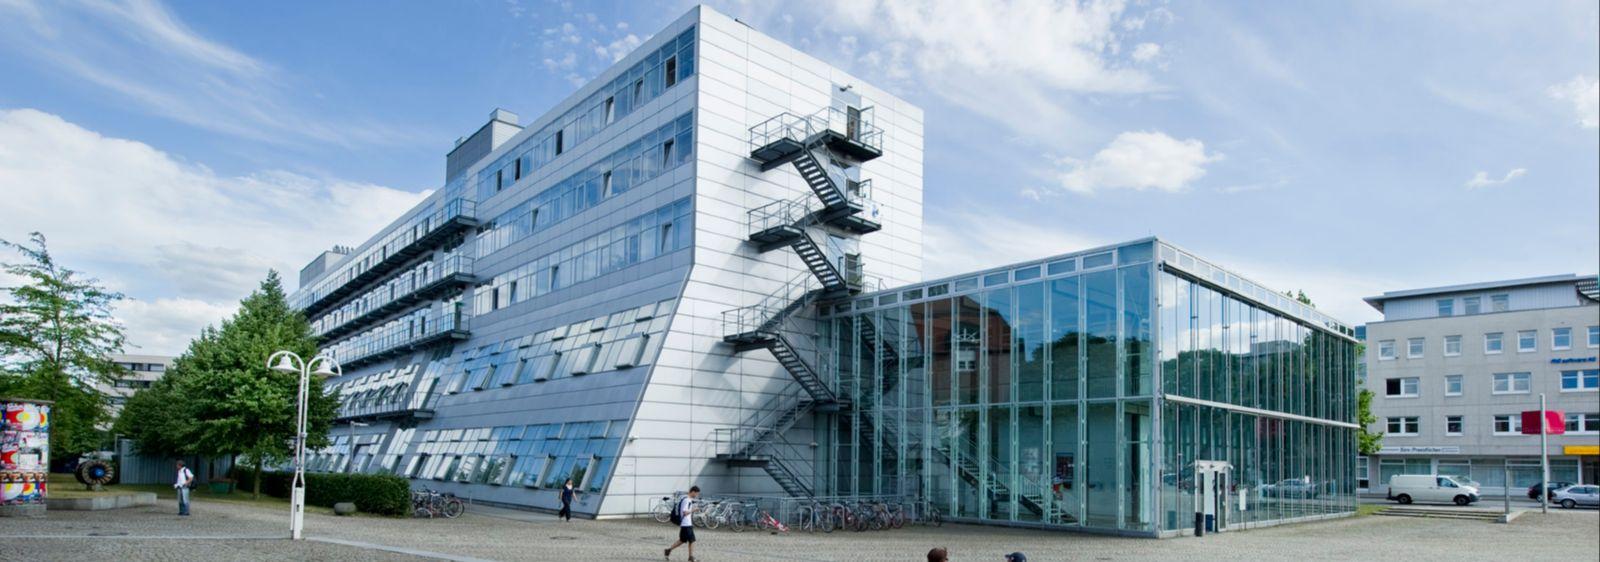 Im Gebäude der Ingenieurwissenschaften an der Universität Kassel werden zwei Bestandslüftungsanlagen in semizentrale Lüftungsanlagen umgerüstet.